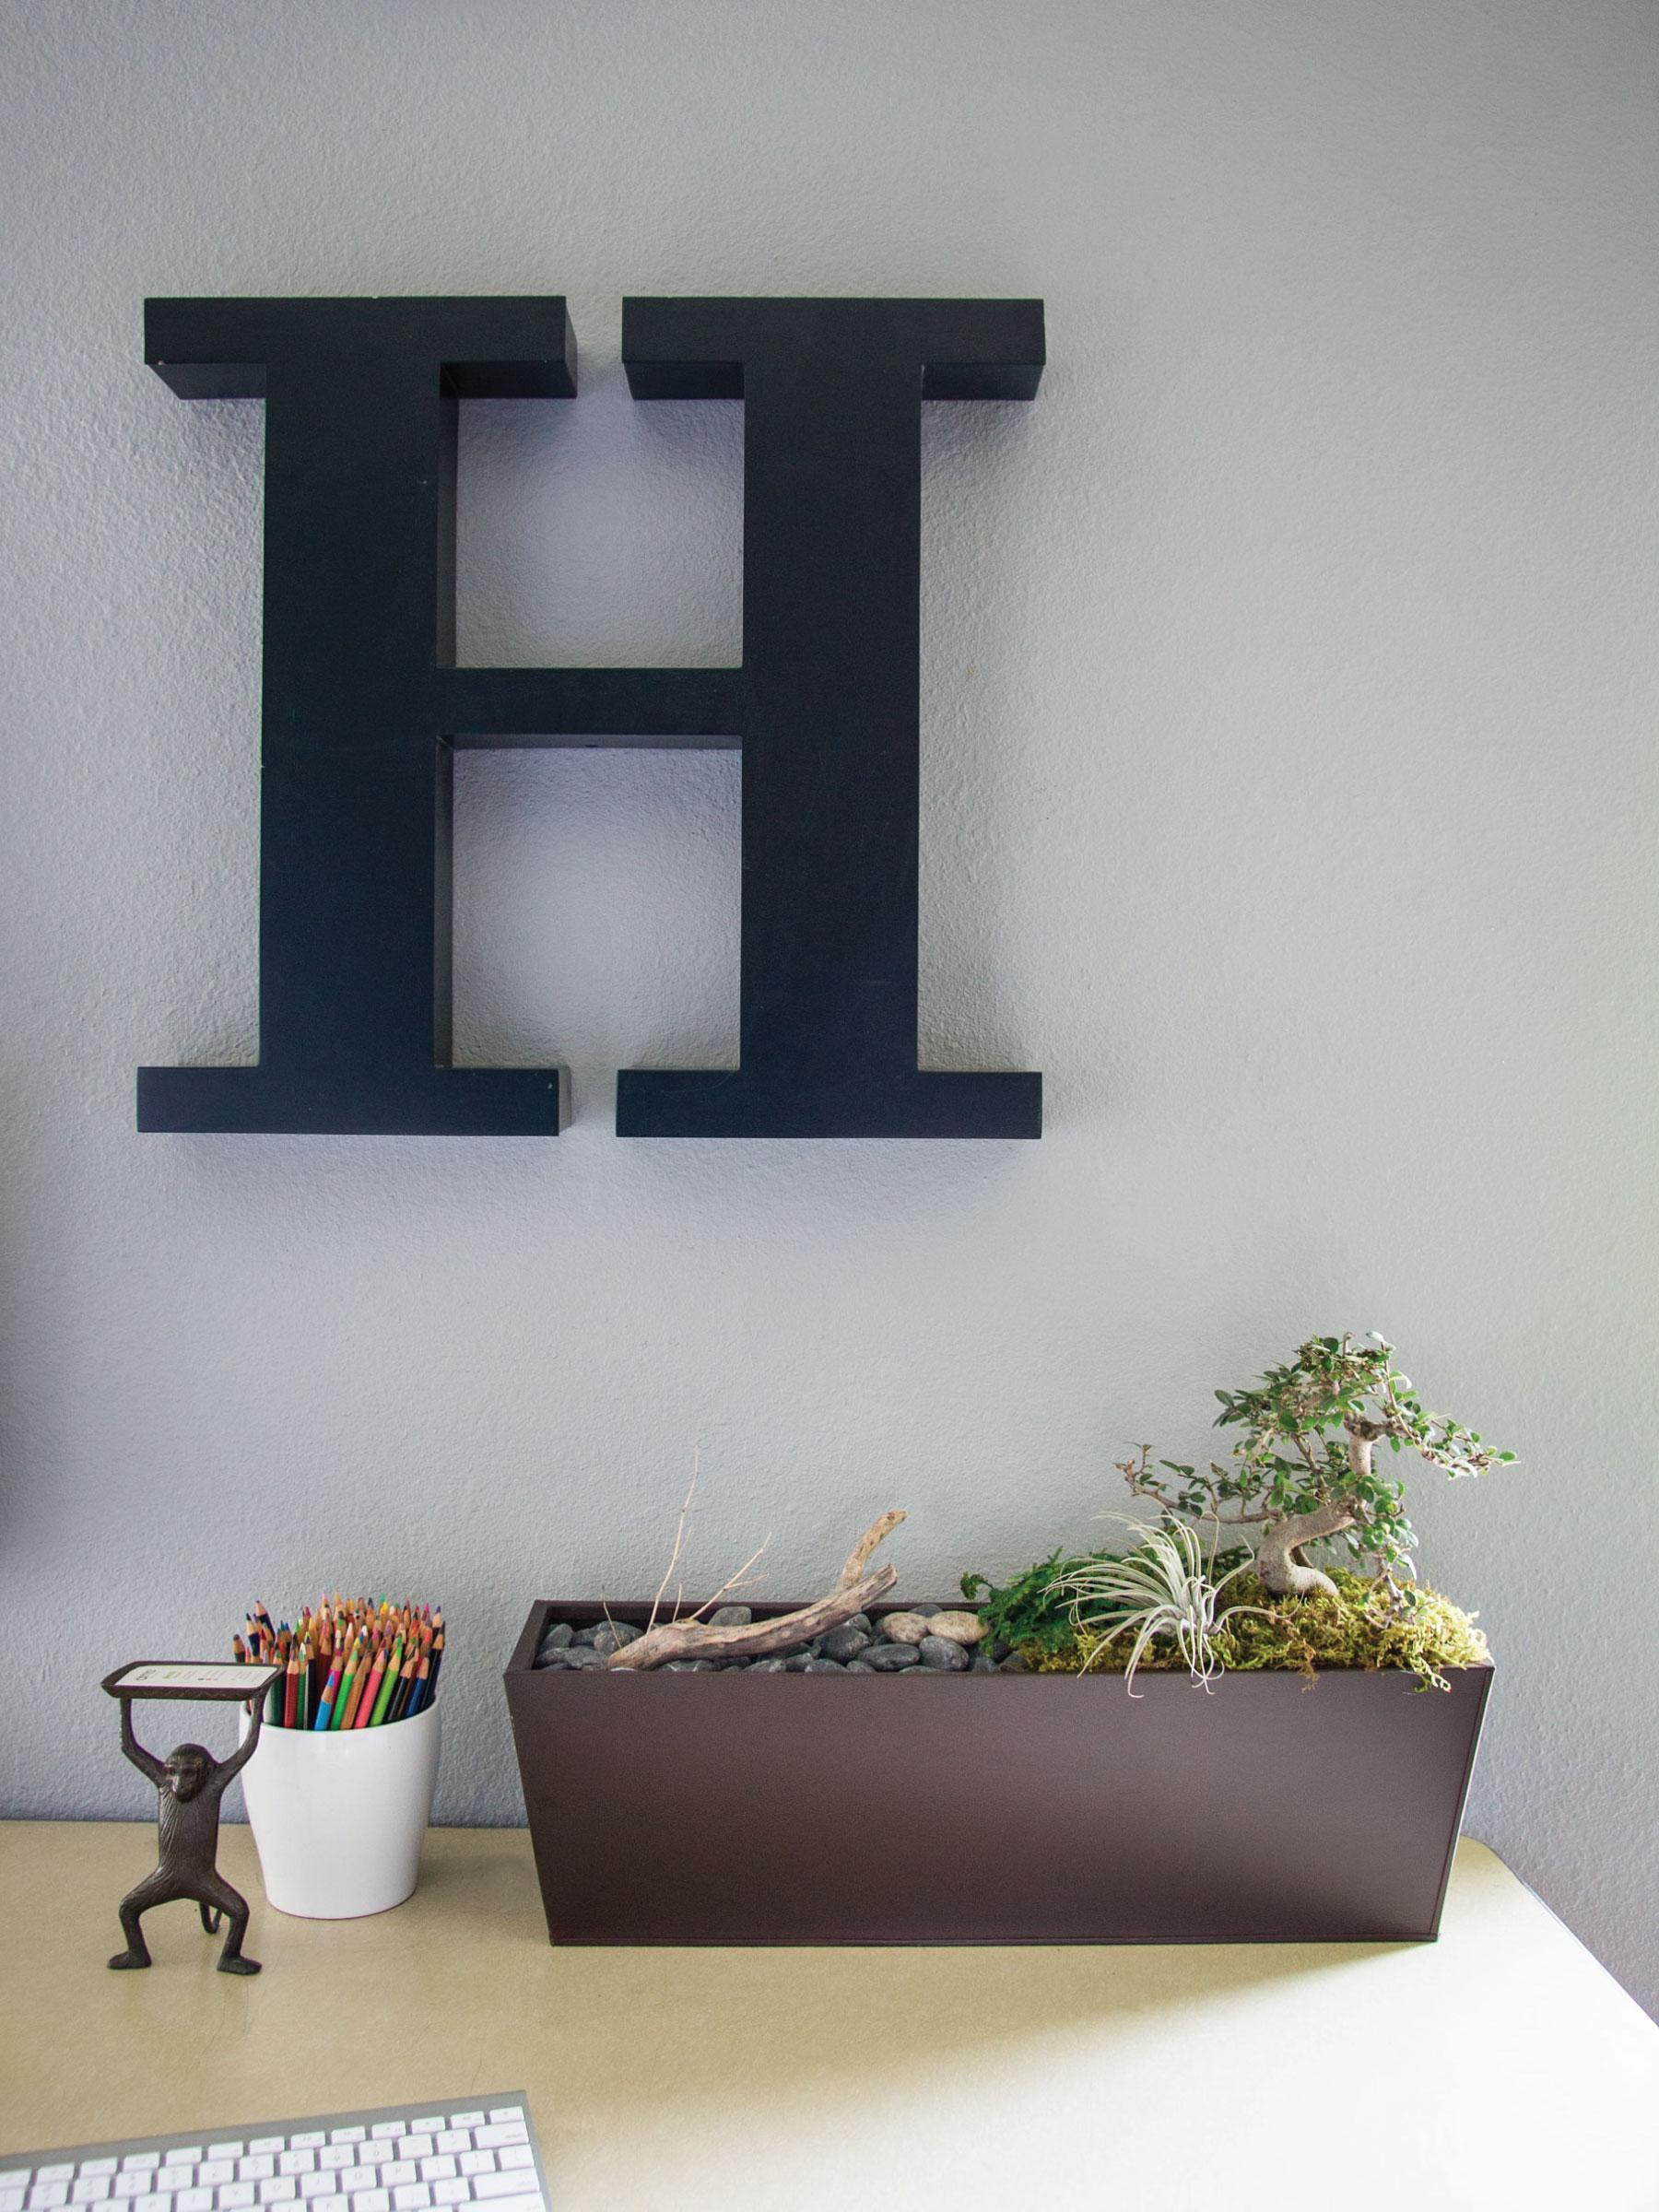 Desktop Garden Oasis by Sam Henderson of Today's Nest for HGTVGardens